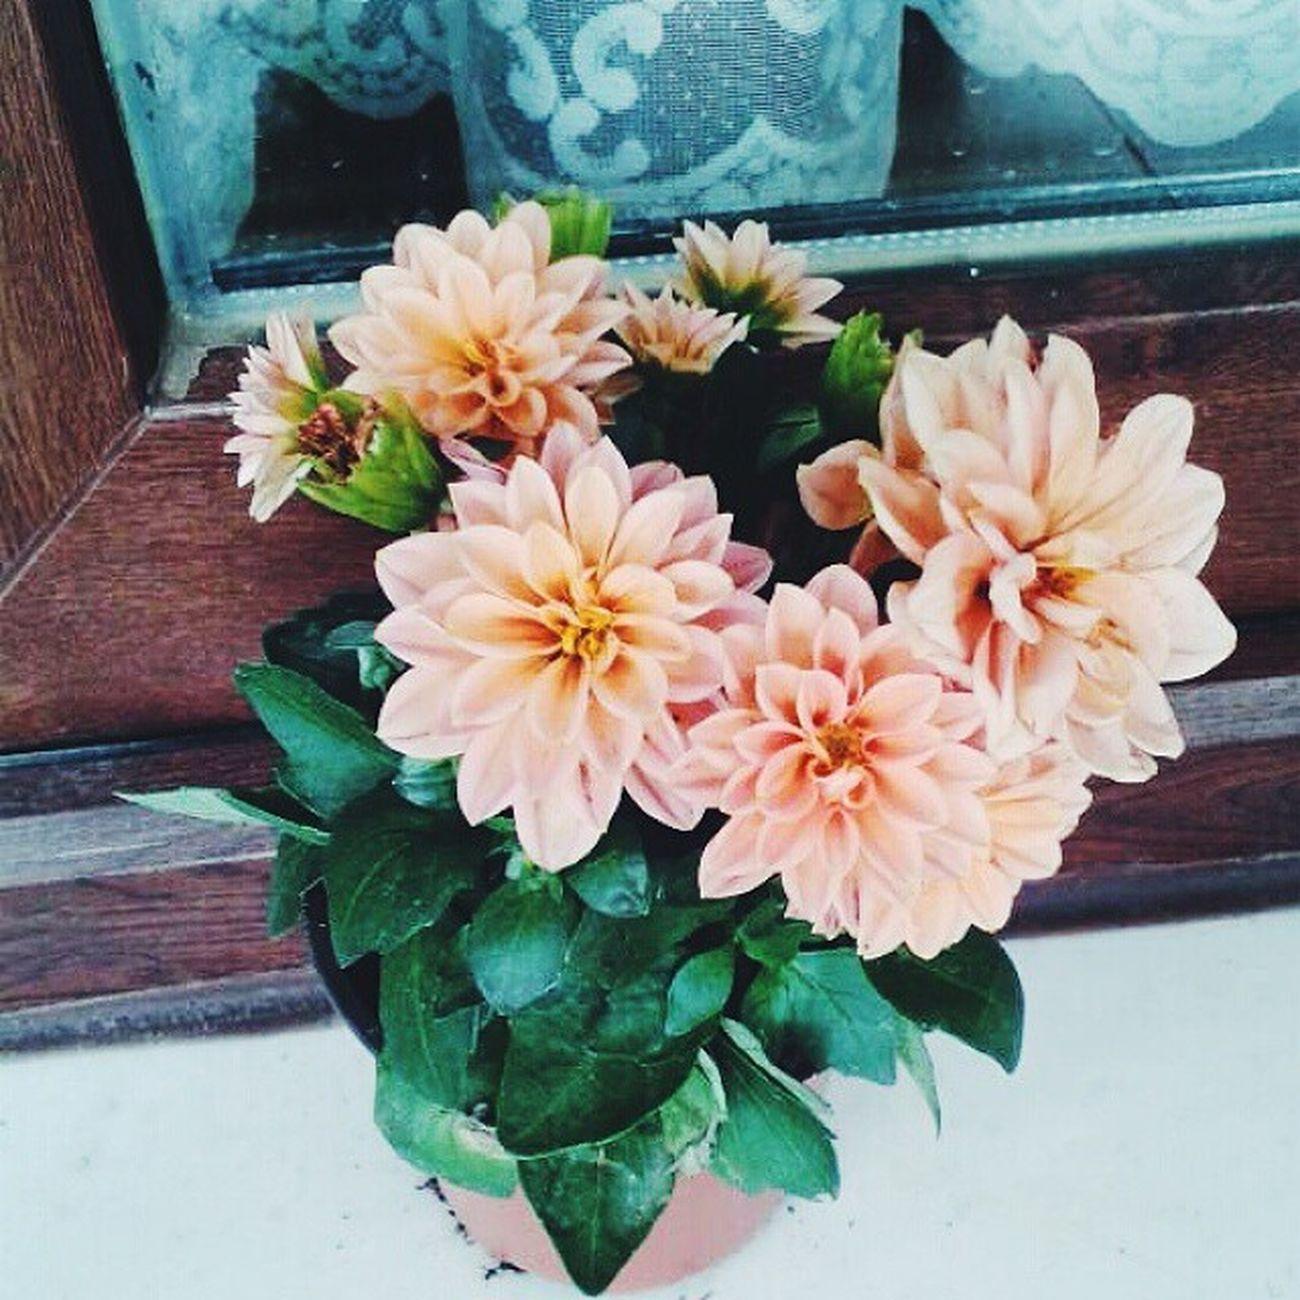 Sana Kaf dağının ardından hiçbir fâninin koklamadığı çiçekleri, hiçbir elin uzanmadığı meyveleri getirebilirim… Çiçek de, meyve de palavra. Seni boşluktan kurtarabilirim. Vscocam Vscolove Vscoflower Vscourban flowers love pencereler cicekler windows